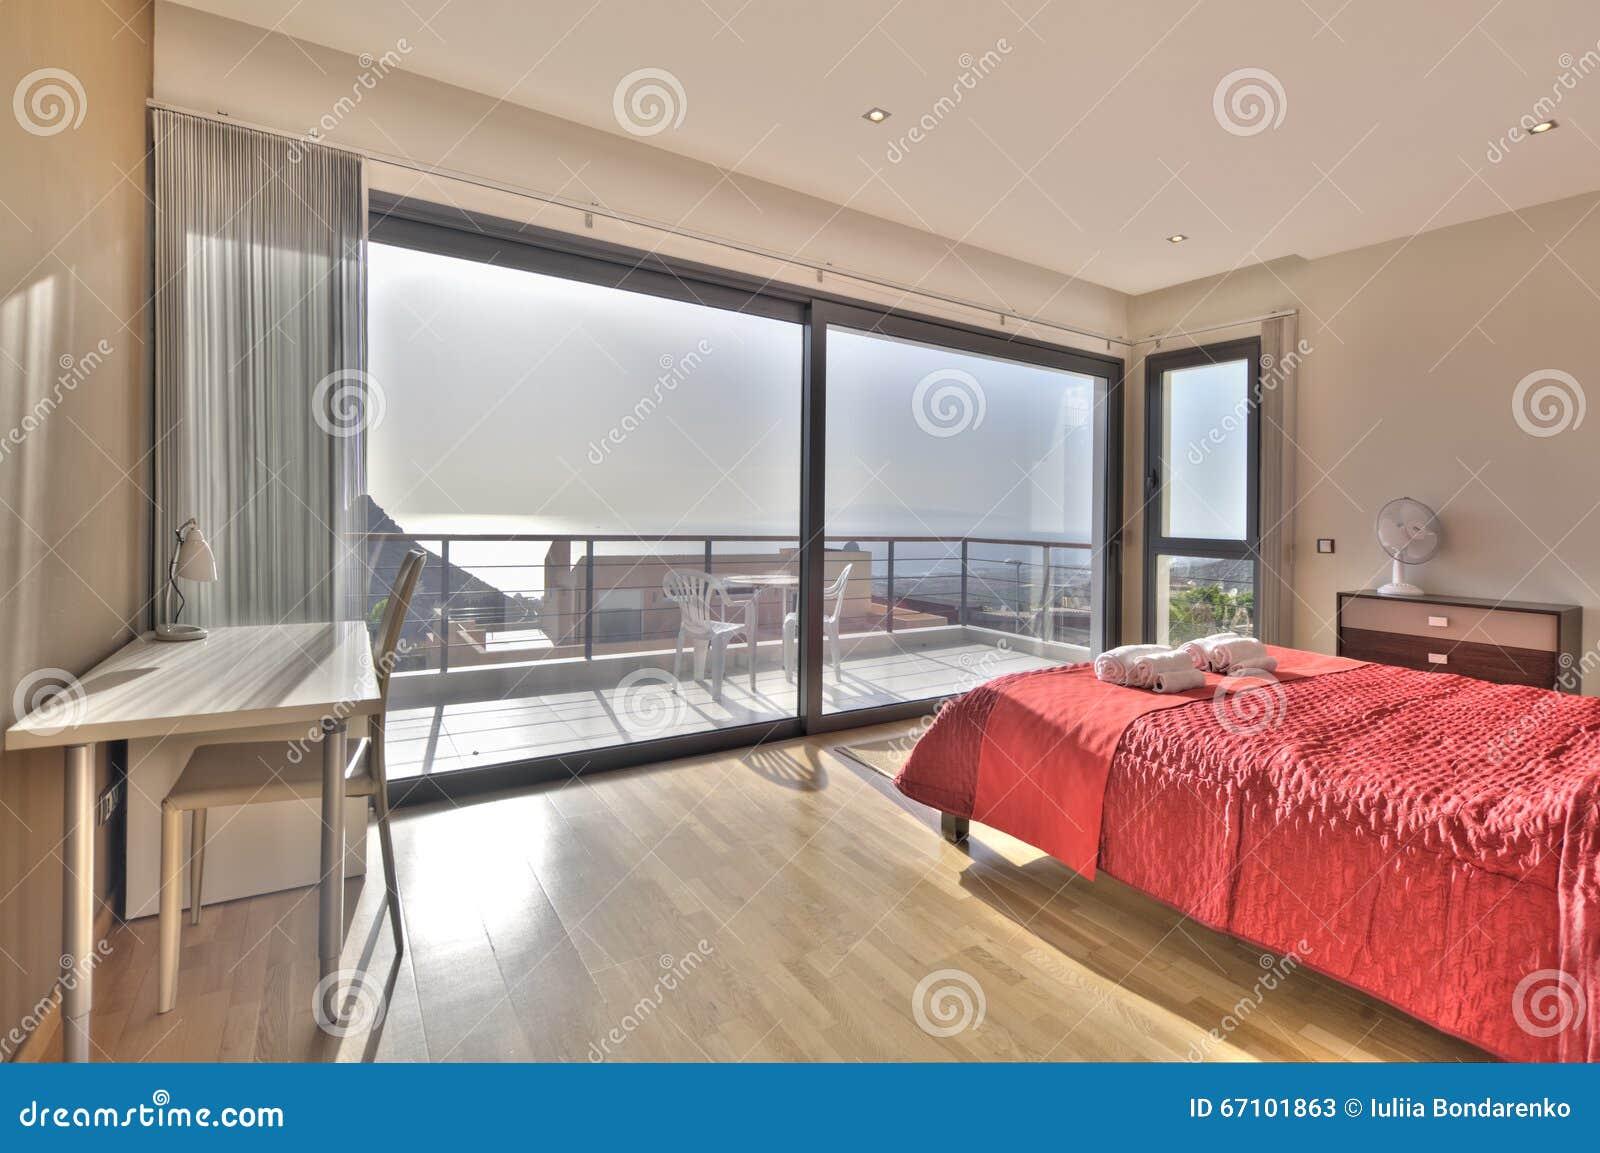 Stanze Da Letto Stile Country : Camera da letto stile country immagine stock immagine di mobilia